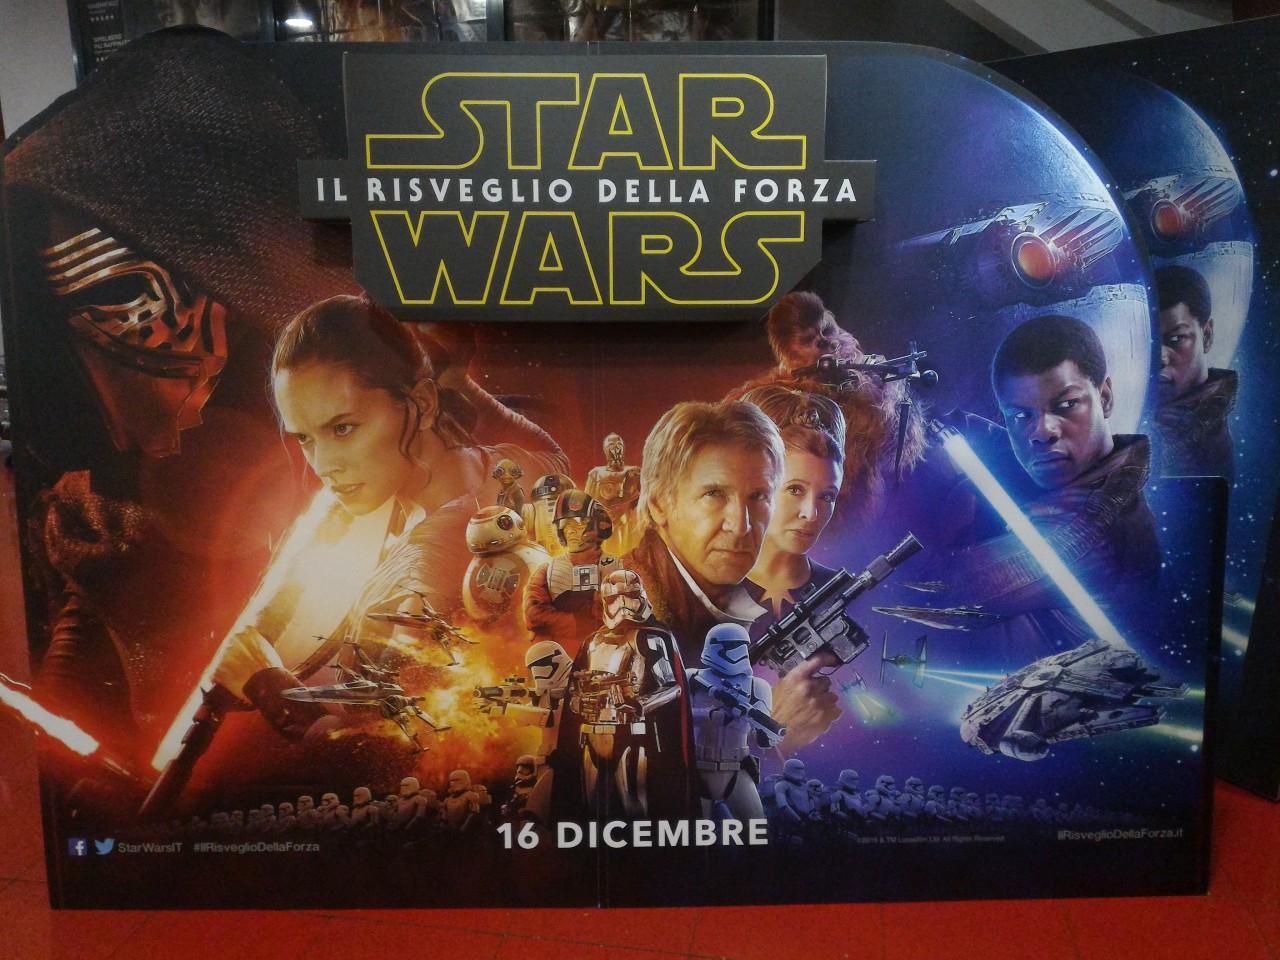 Star Wars Il Risveglio della Forza Recensione